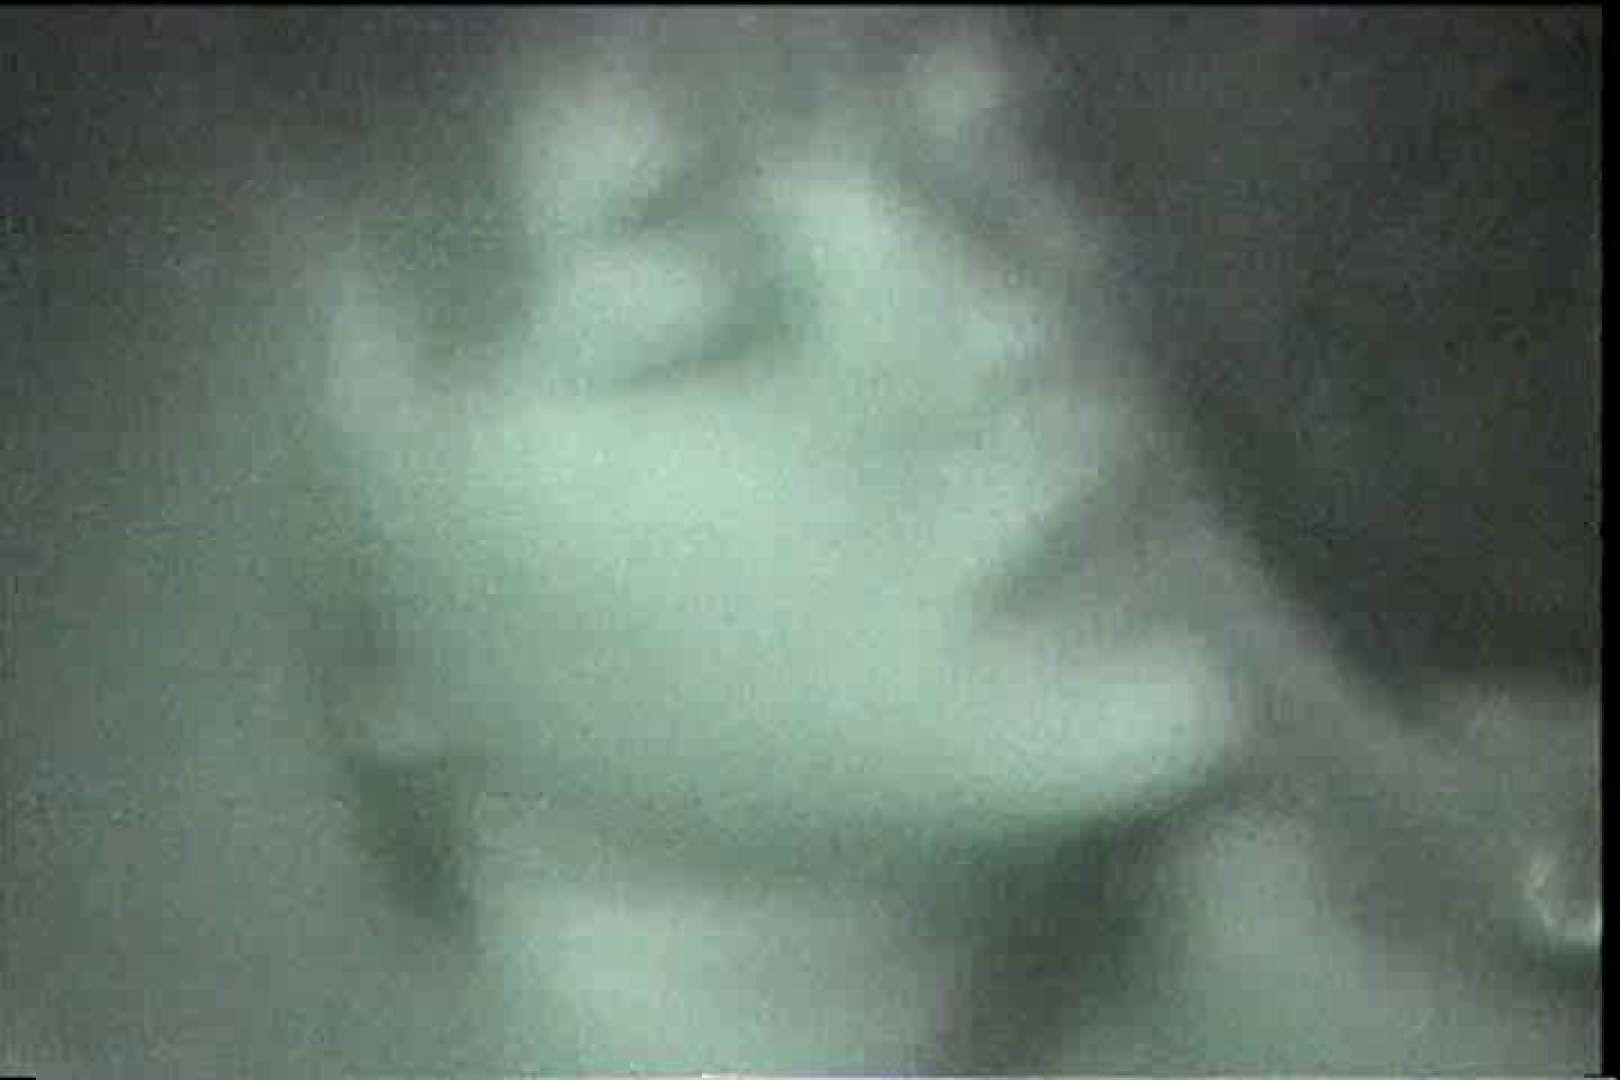 カーセックス未編集・無修正版 Vol.10 濃厚セックス セックス無修正動画無料 99PICs 12